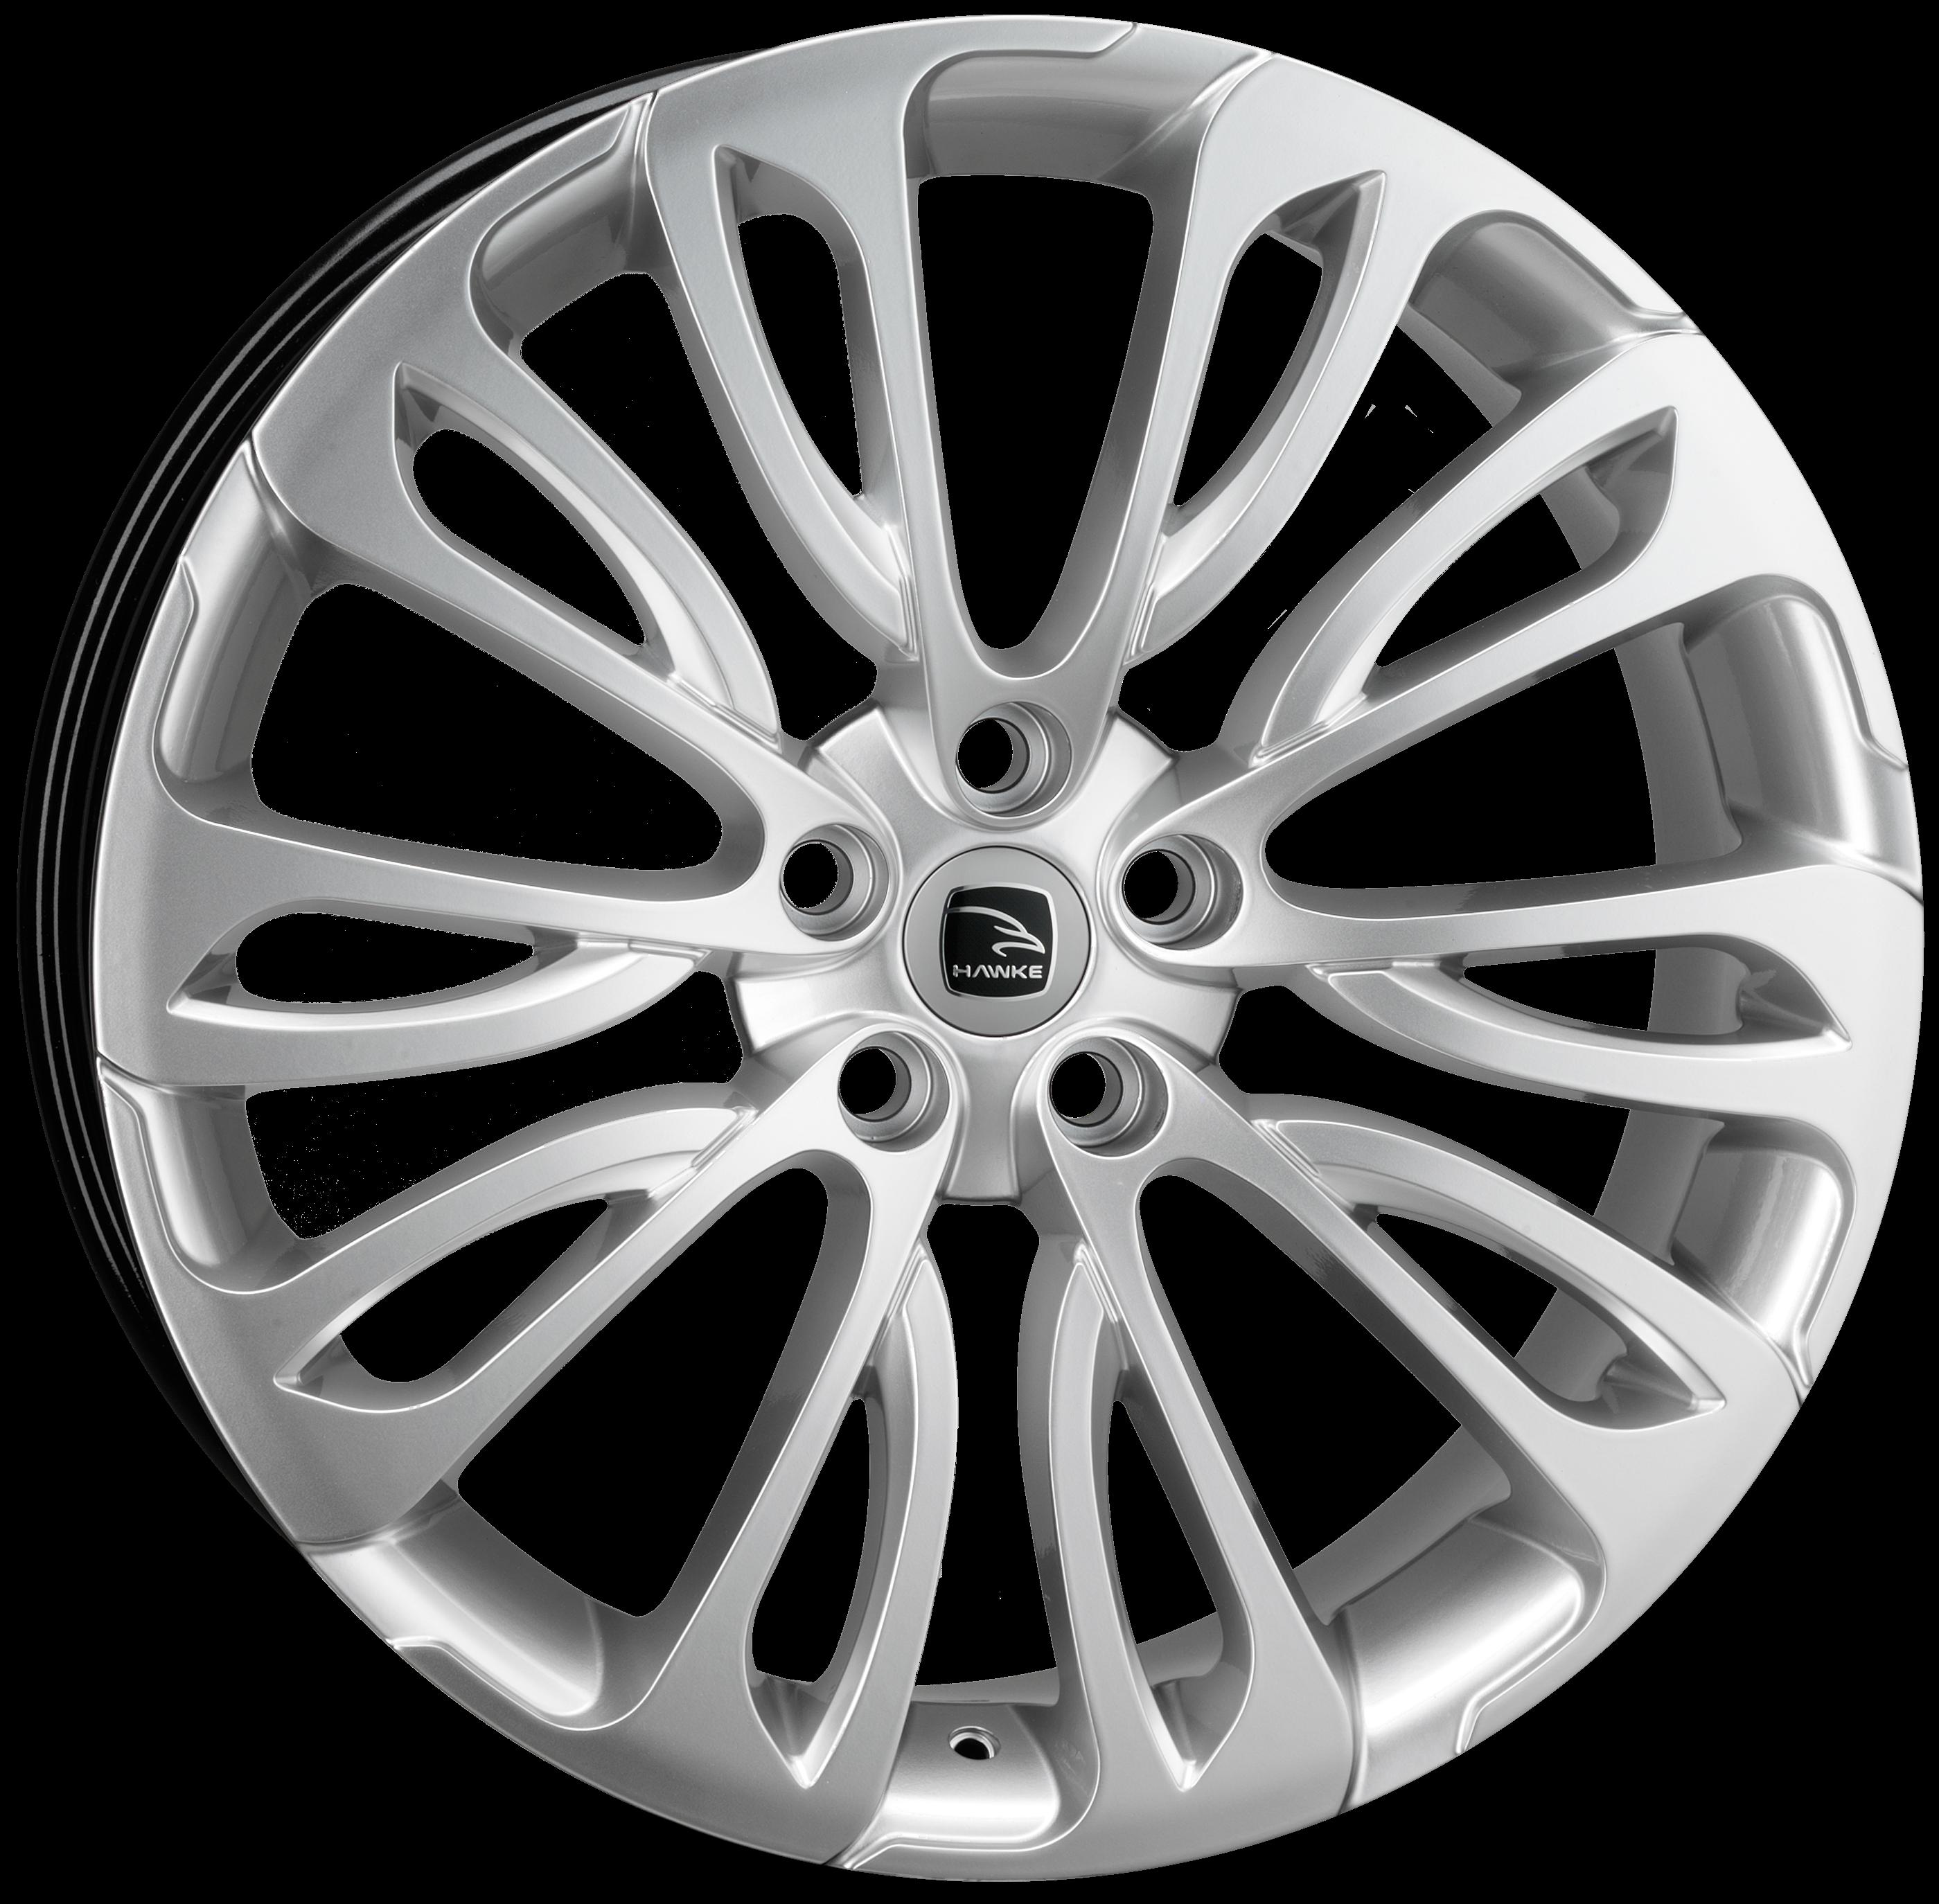 Hawke Wheels - Halcyon (Hyper Silver)